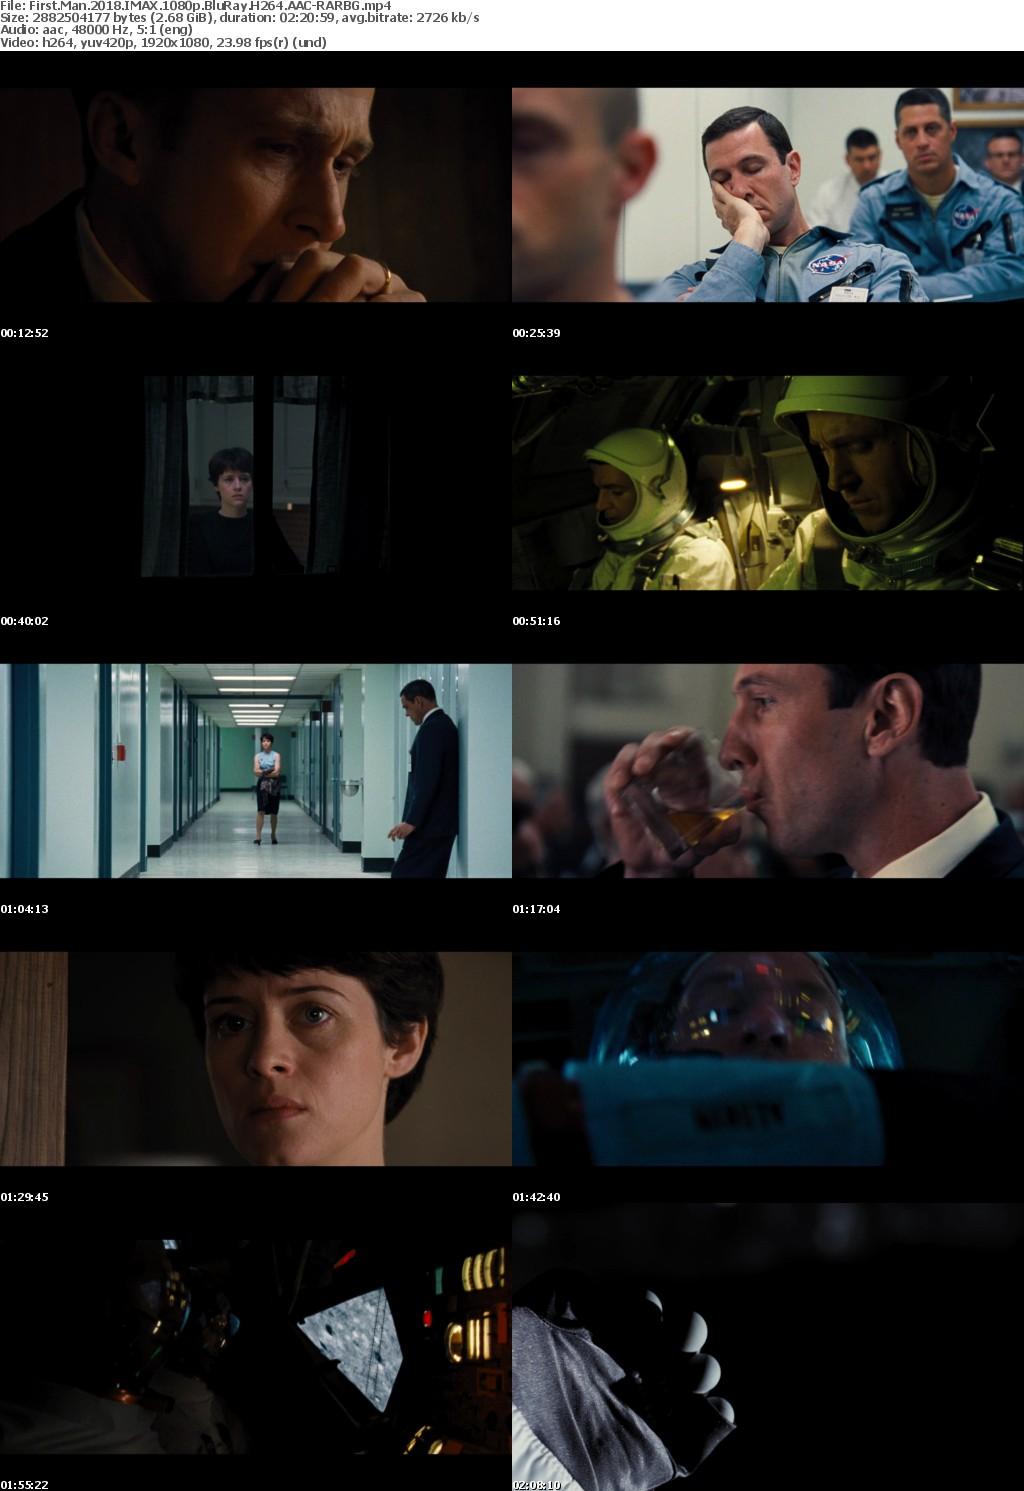 First Man (2018) IMAX 1080p BluRay H264 AAC-RARBG